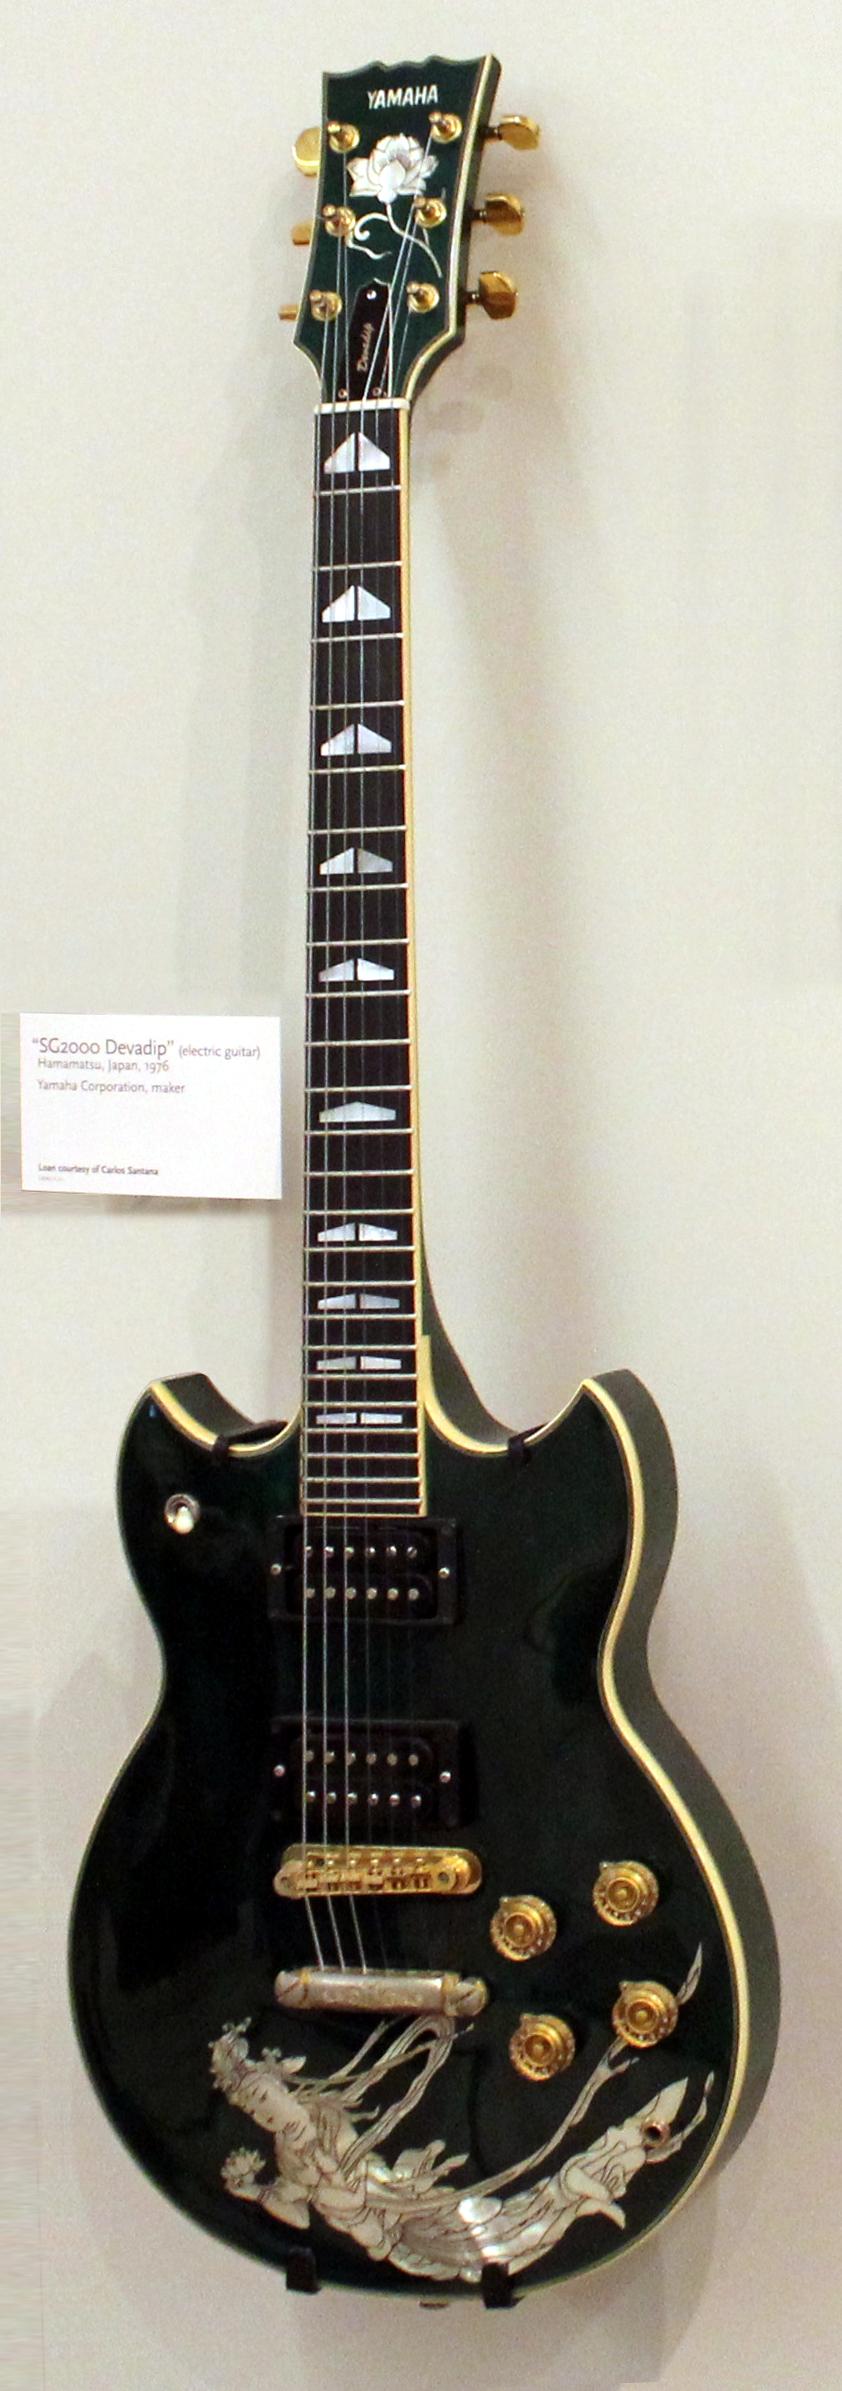 Yamaha Sg